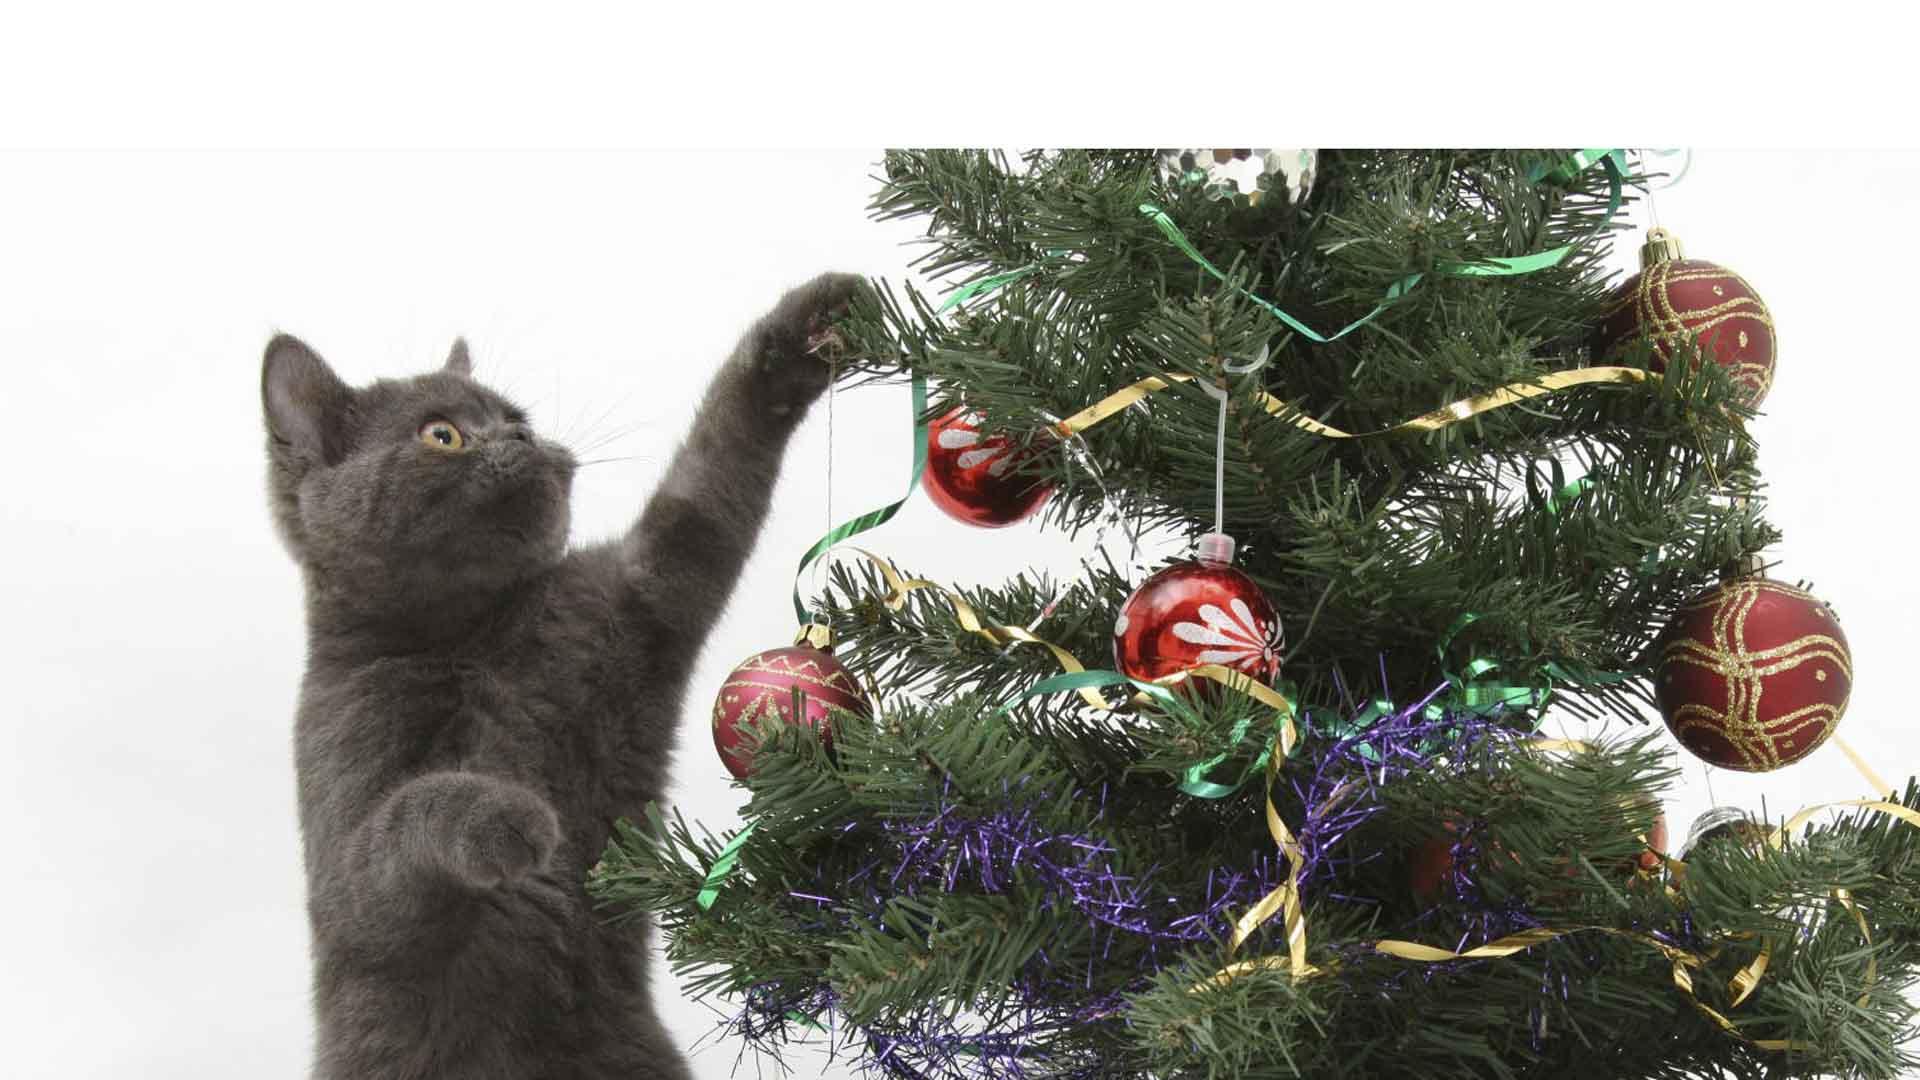 En Navidad los gatos aman jugar con las luces y ornamentos de los pinos